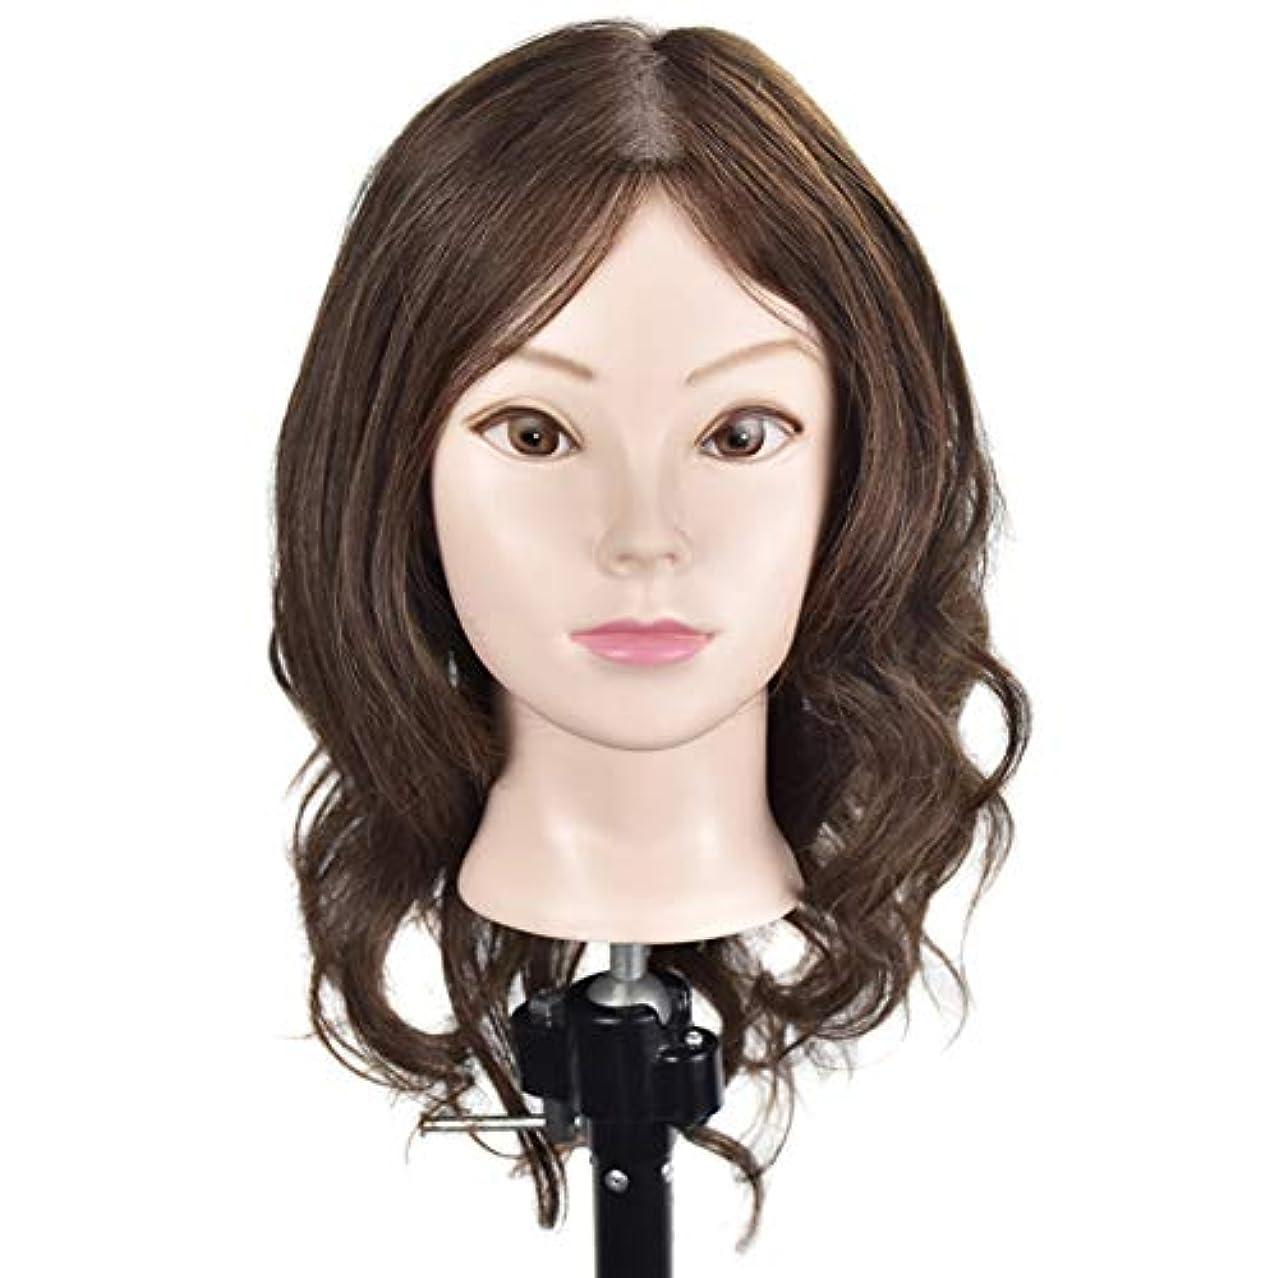 免除する視力不機嫌そうな専門の練習ホット染色漂白はさみモデリングマネキン髪編組髪かつら女性モデルティーチングヘッド